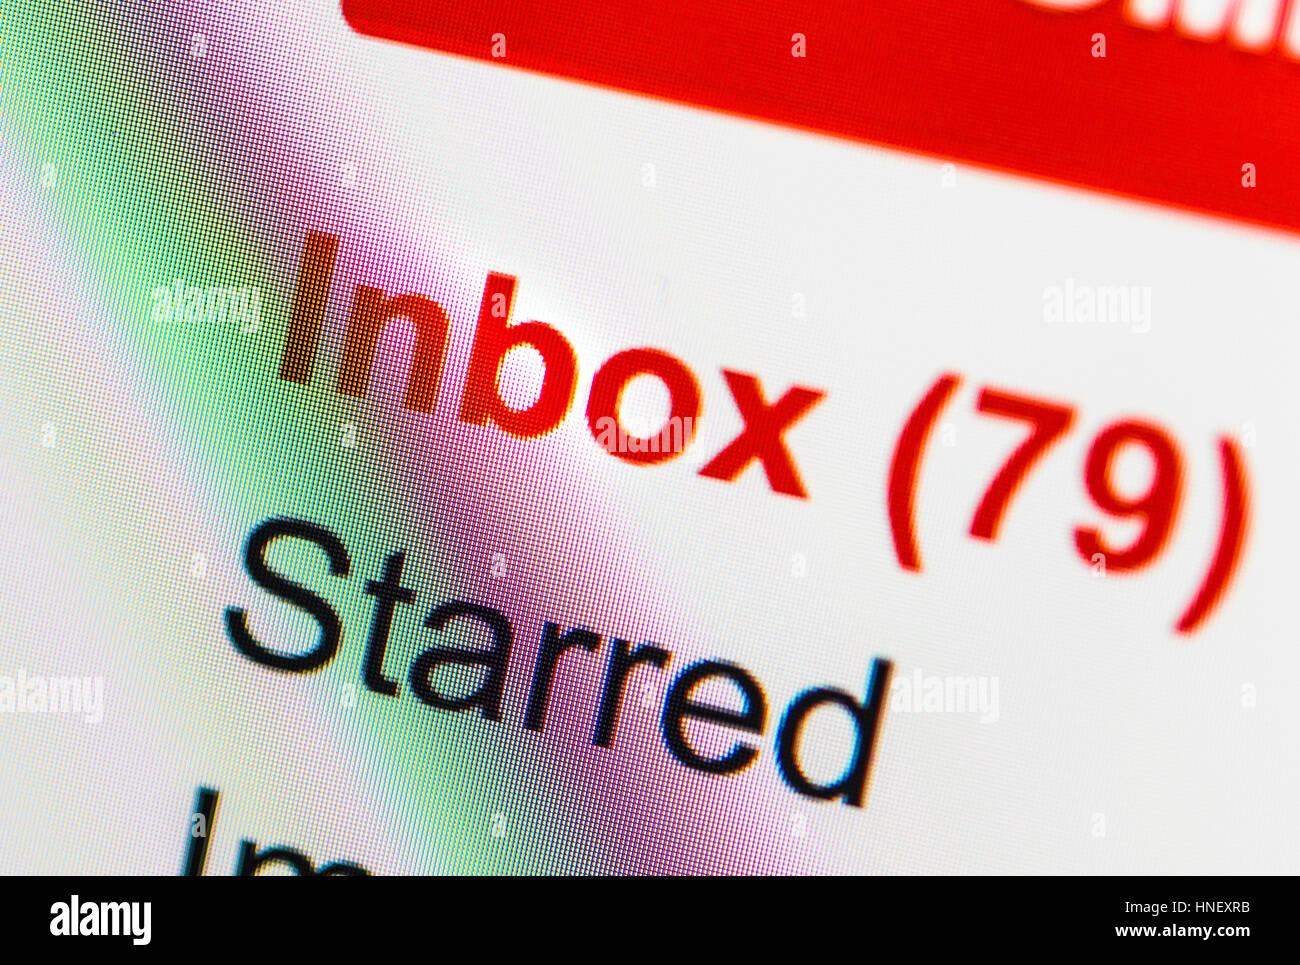 Messaggi non letti, account e-mail, email, internet, immagine simbolica, schermata Immagini Stock